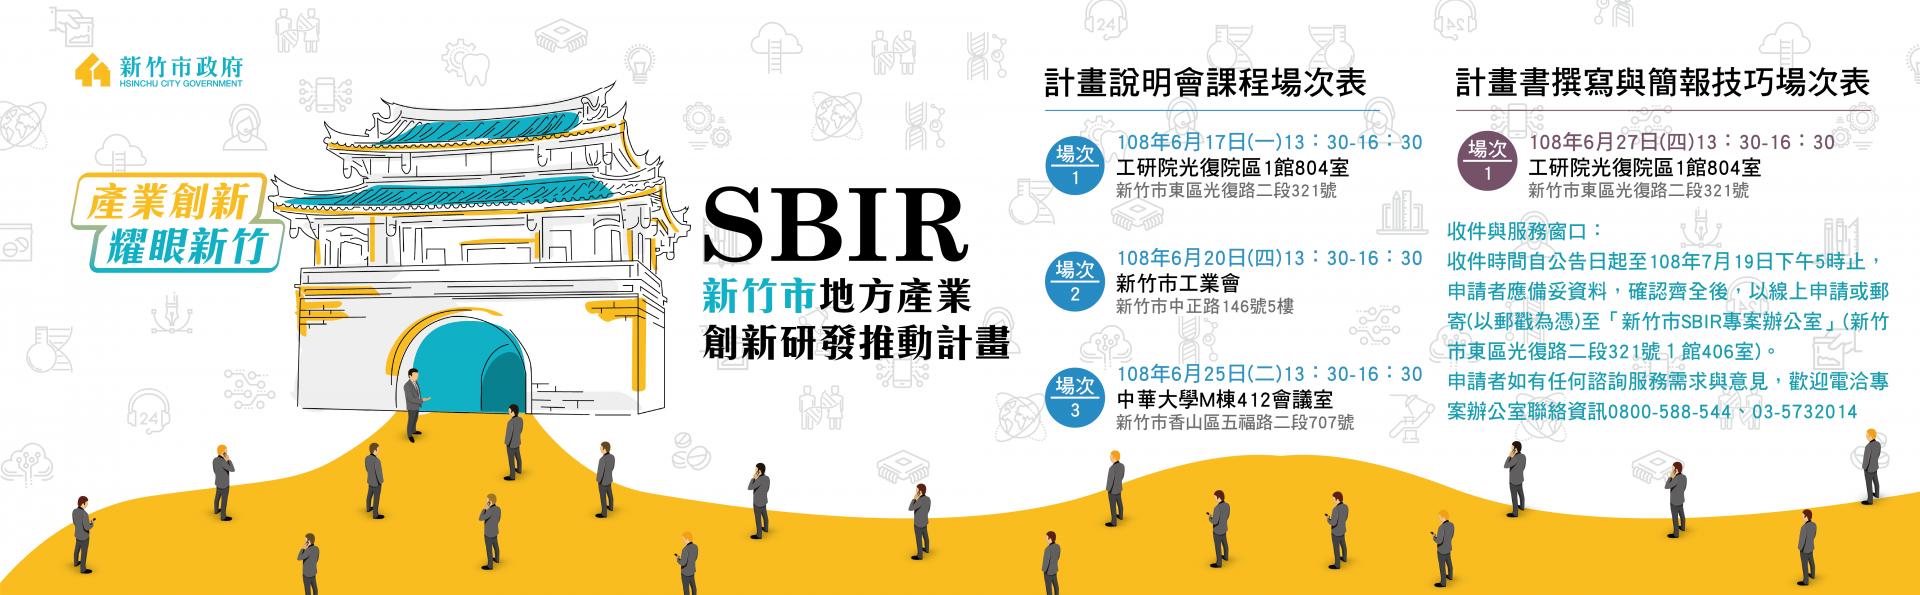 SBIR新竹市政府地方產業